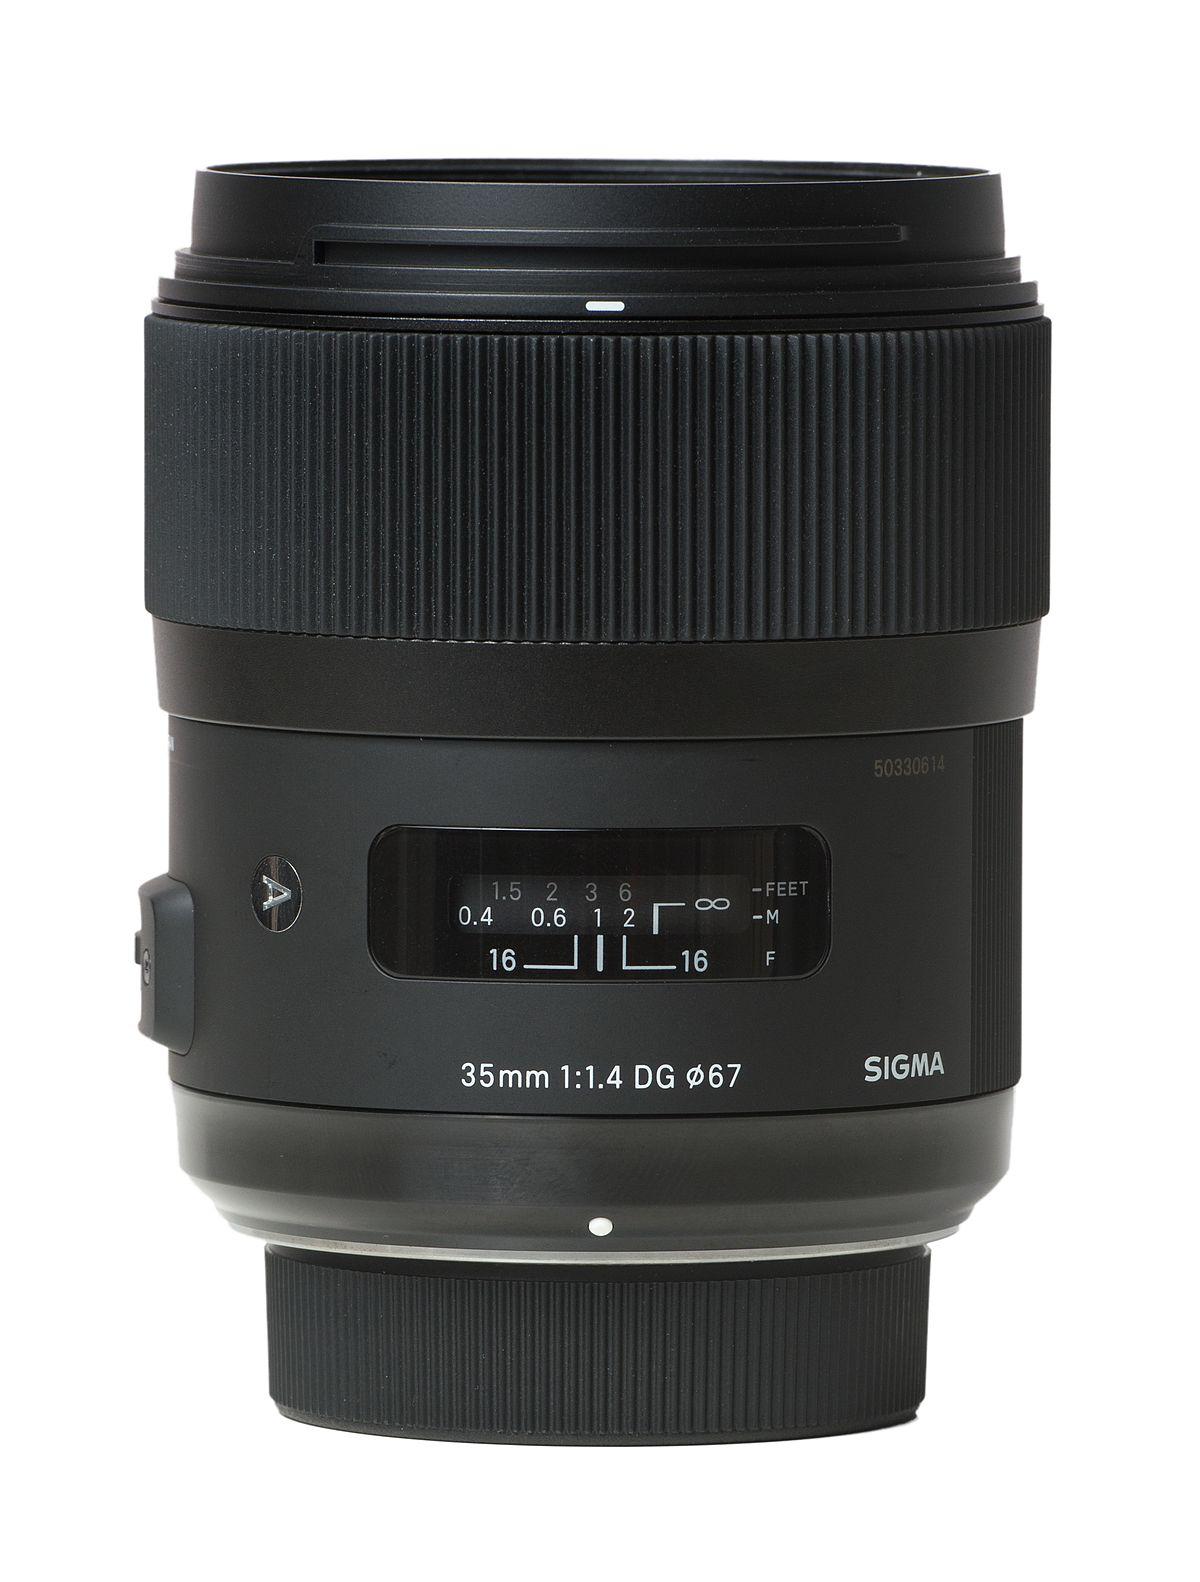 2a9fb42da1a9d Sigma 35mm f 1.4 DG HSM lens - Wikipedia